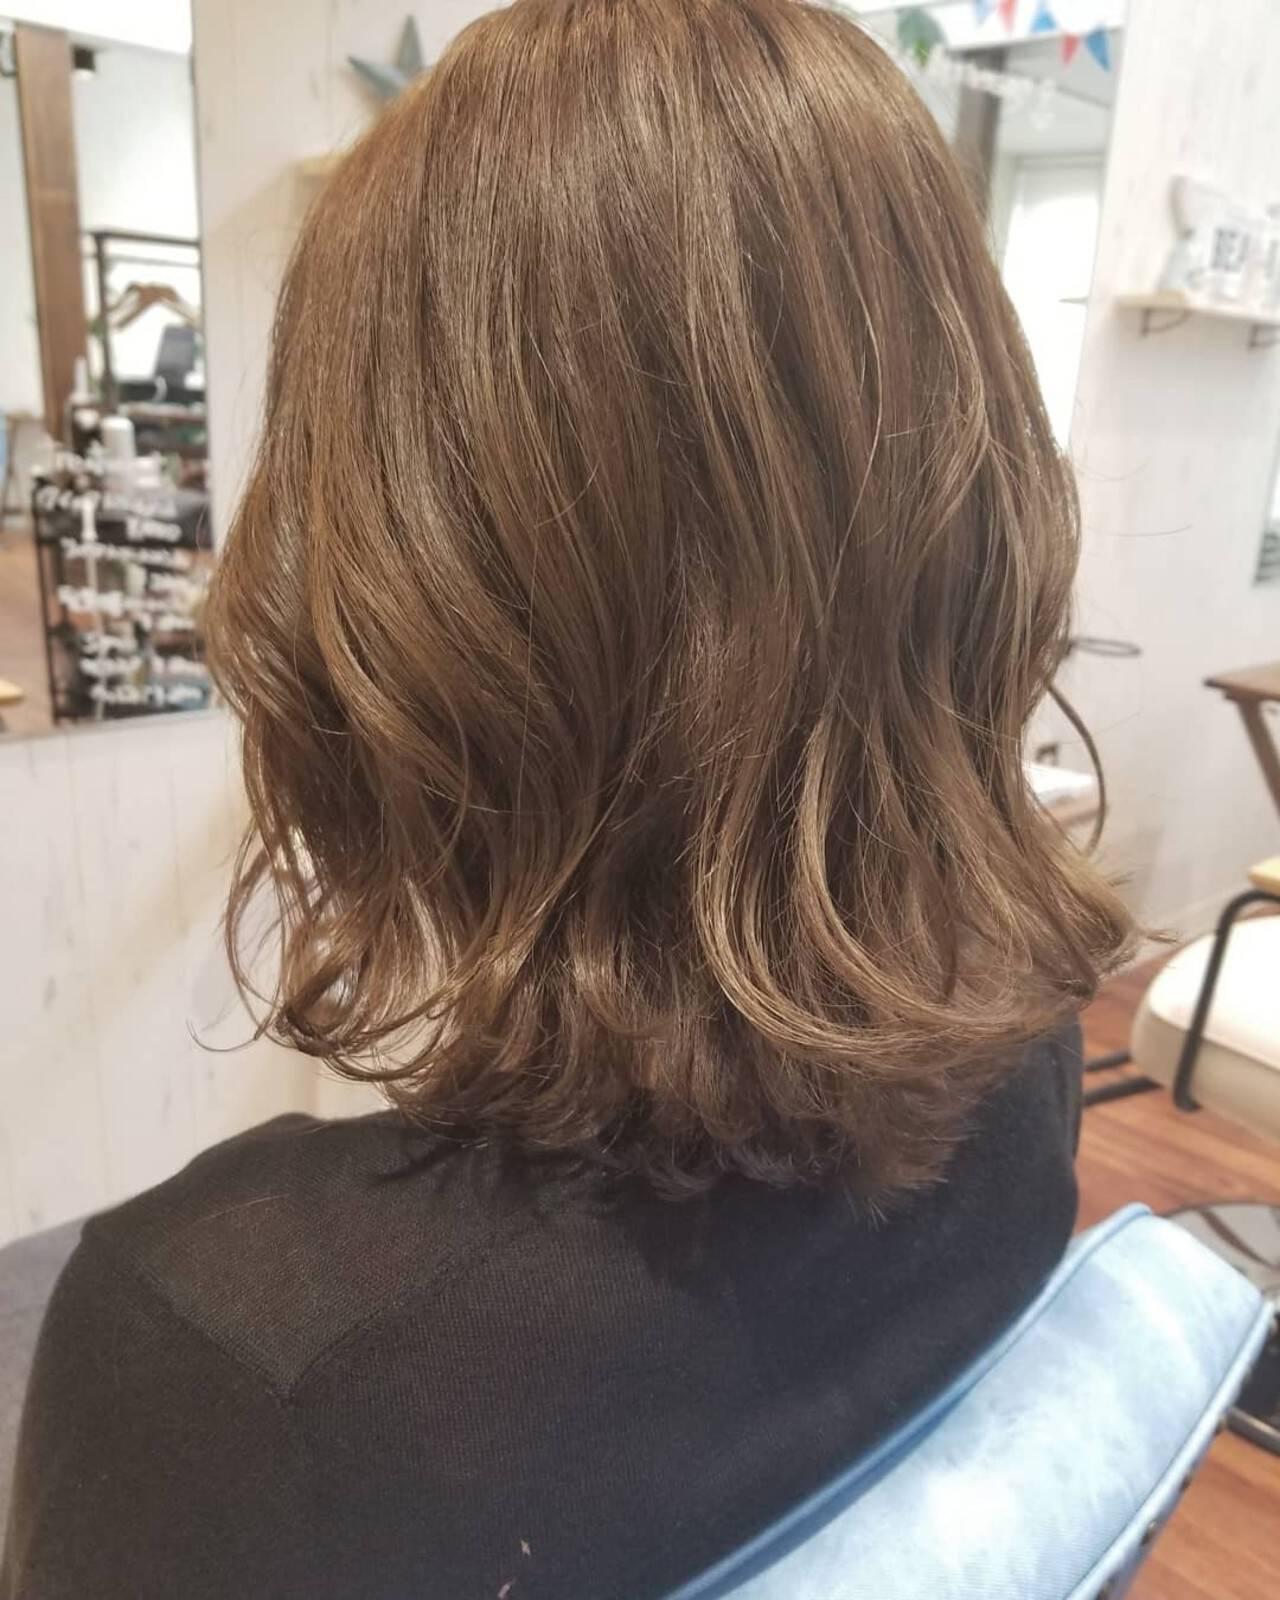 イルミナカラー ロブ フェミニン ミディアムヘアスタイルや髪型の写真・画像